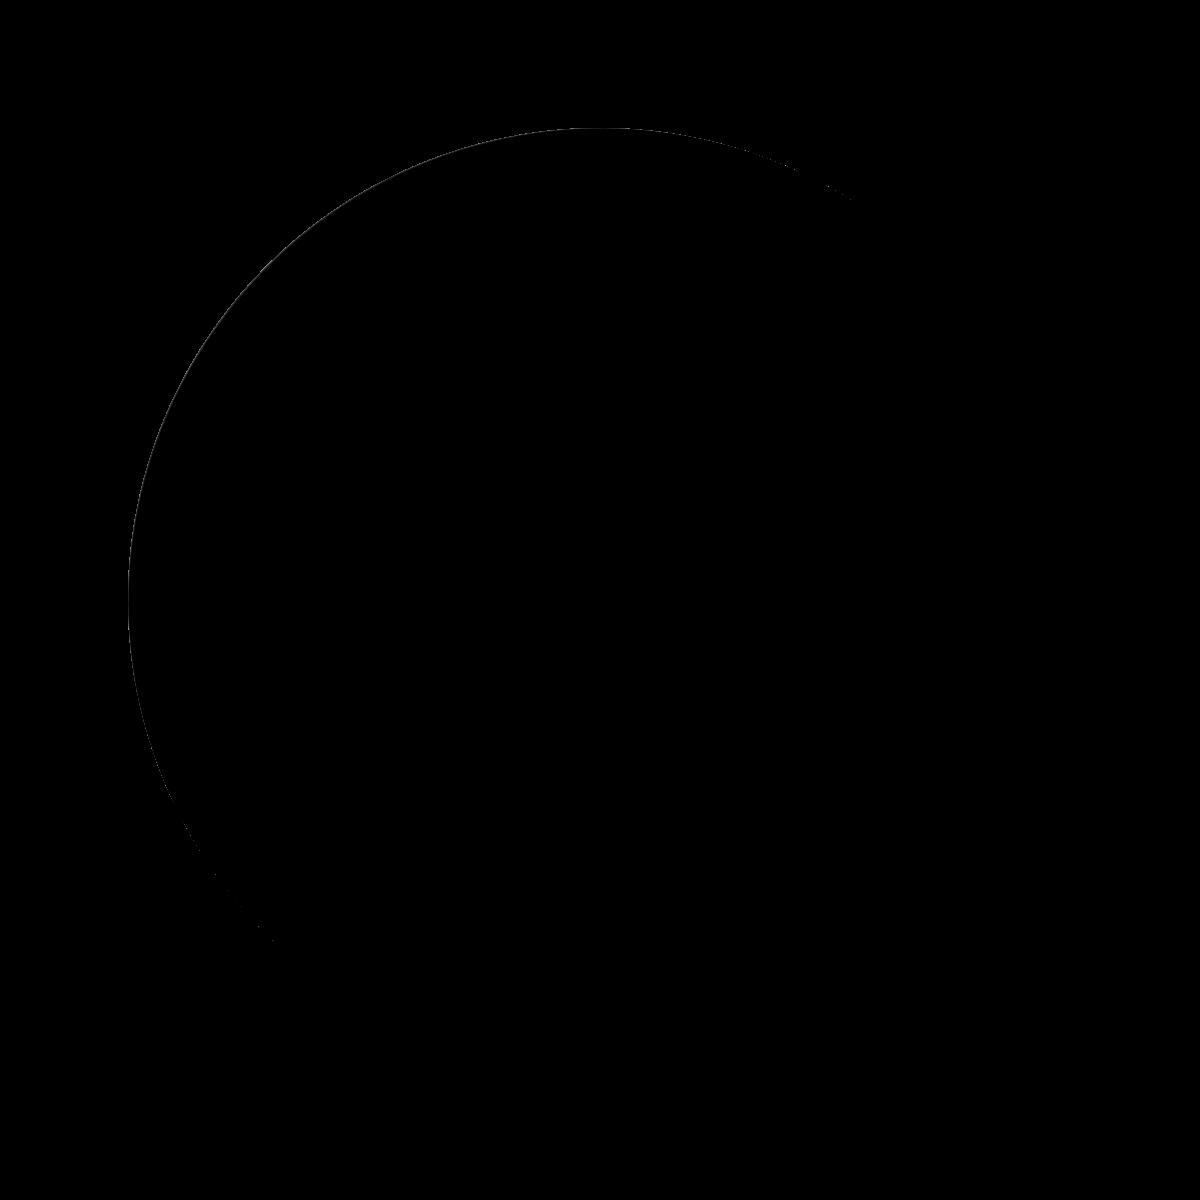 Lune du 3 juin 2019